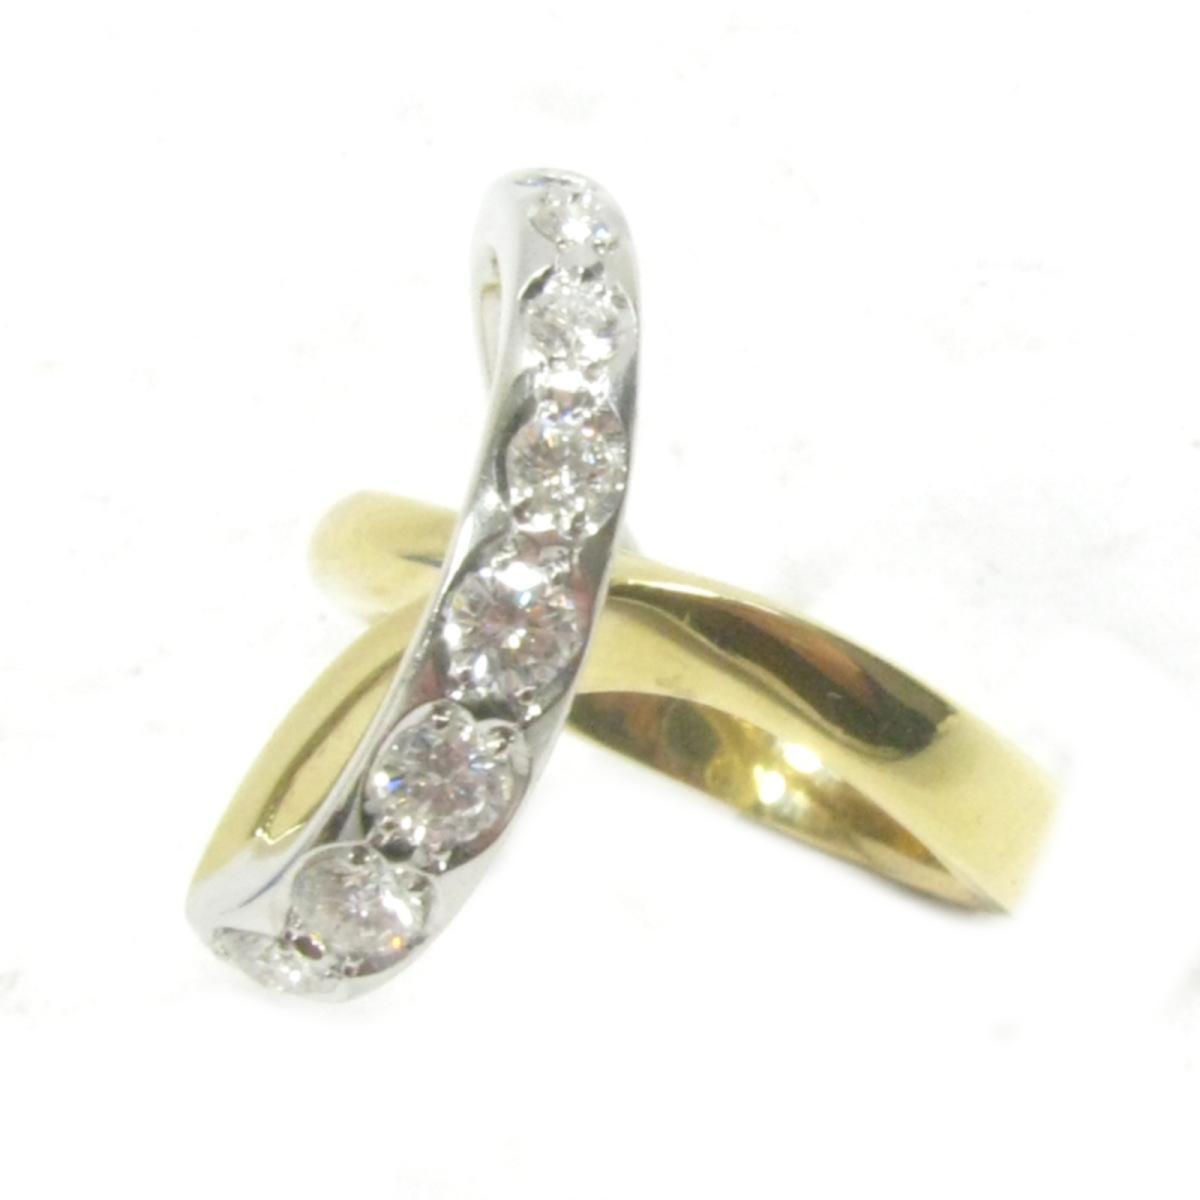 【中古】 ジュエリー ダイヤモンドリング 指輪 レディース K18YG (750) イエローゴールド x PT900 (プラチナ) 石目無し ゴールド シルバー クリアー | JEWELRY BRANDOFF ブランドオフ ブランド アクセサリー リング